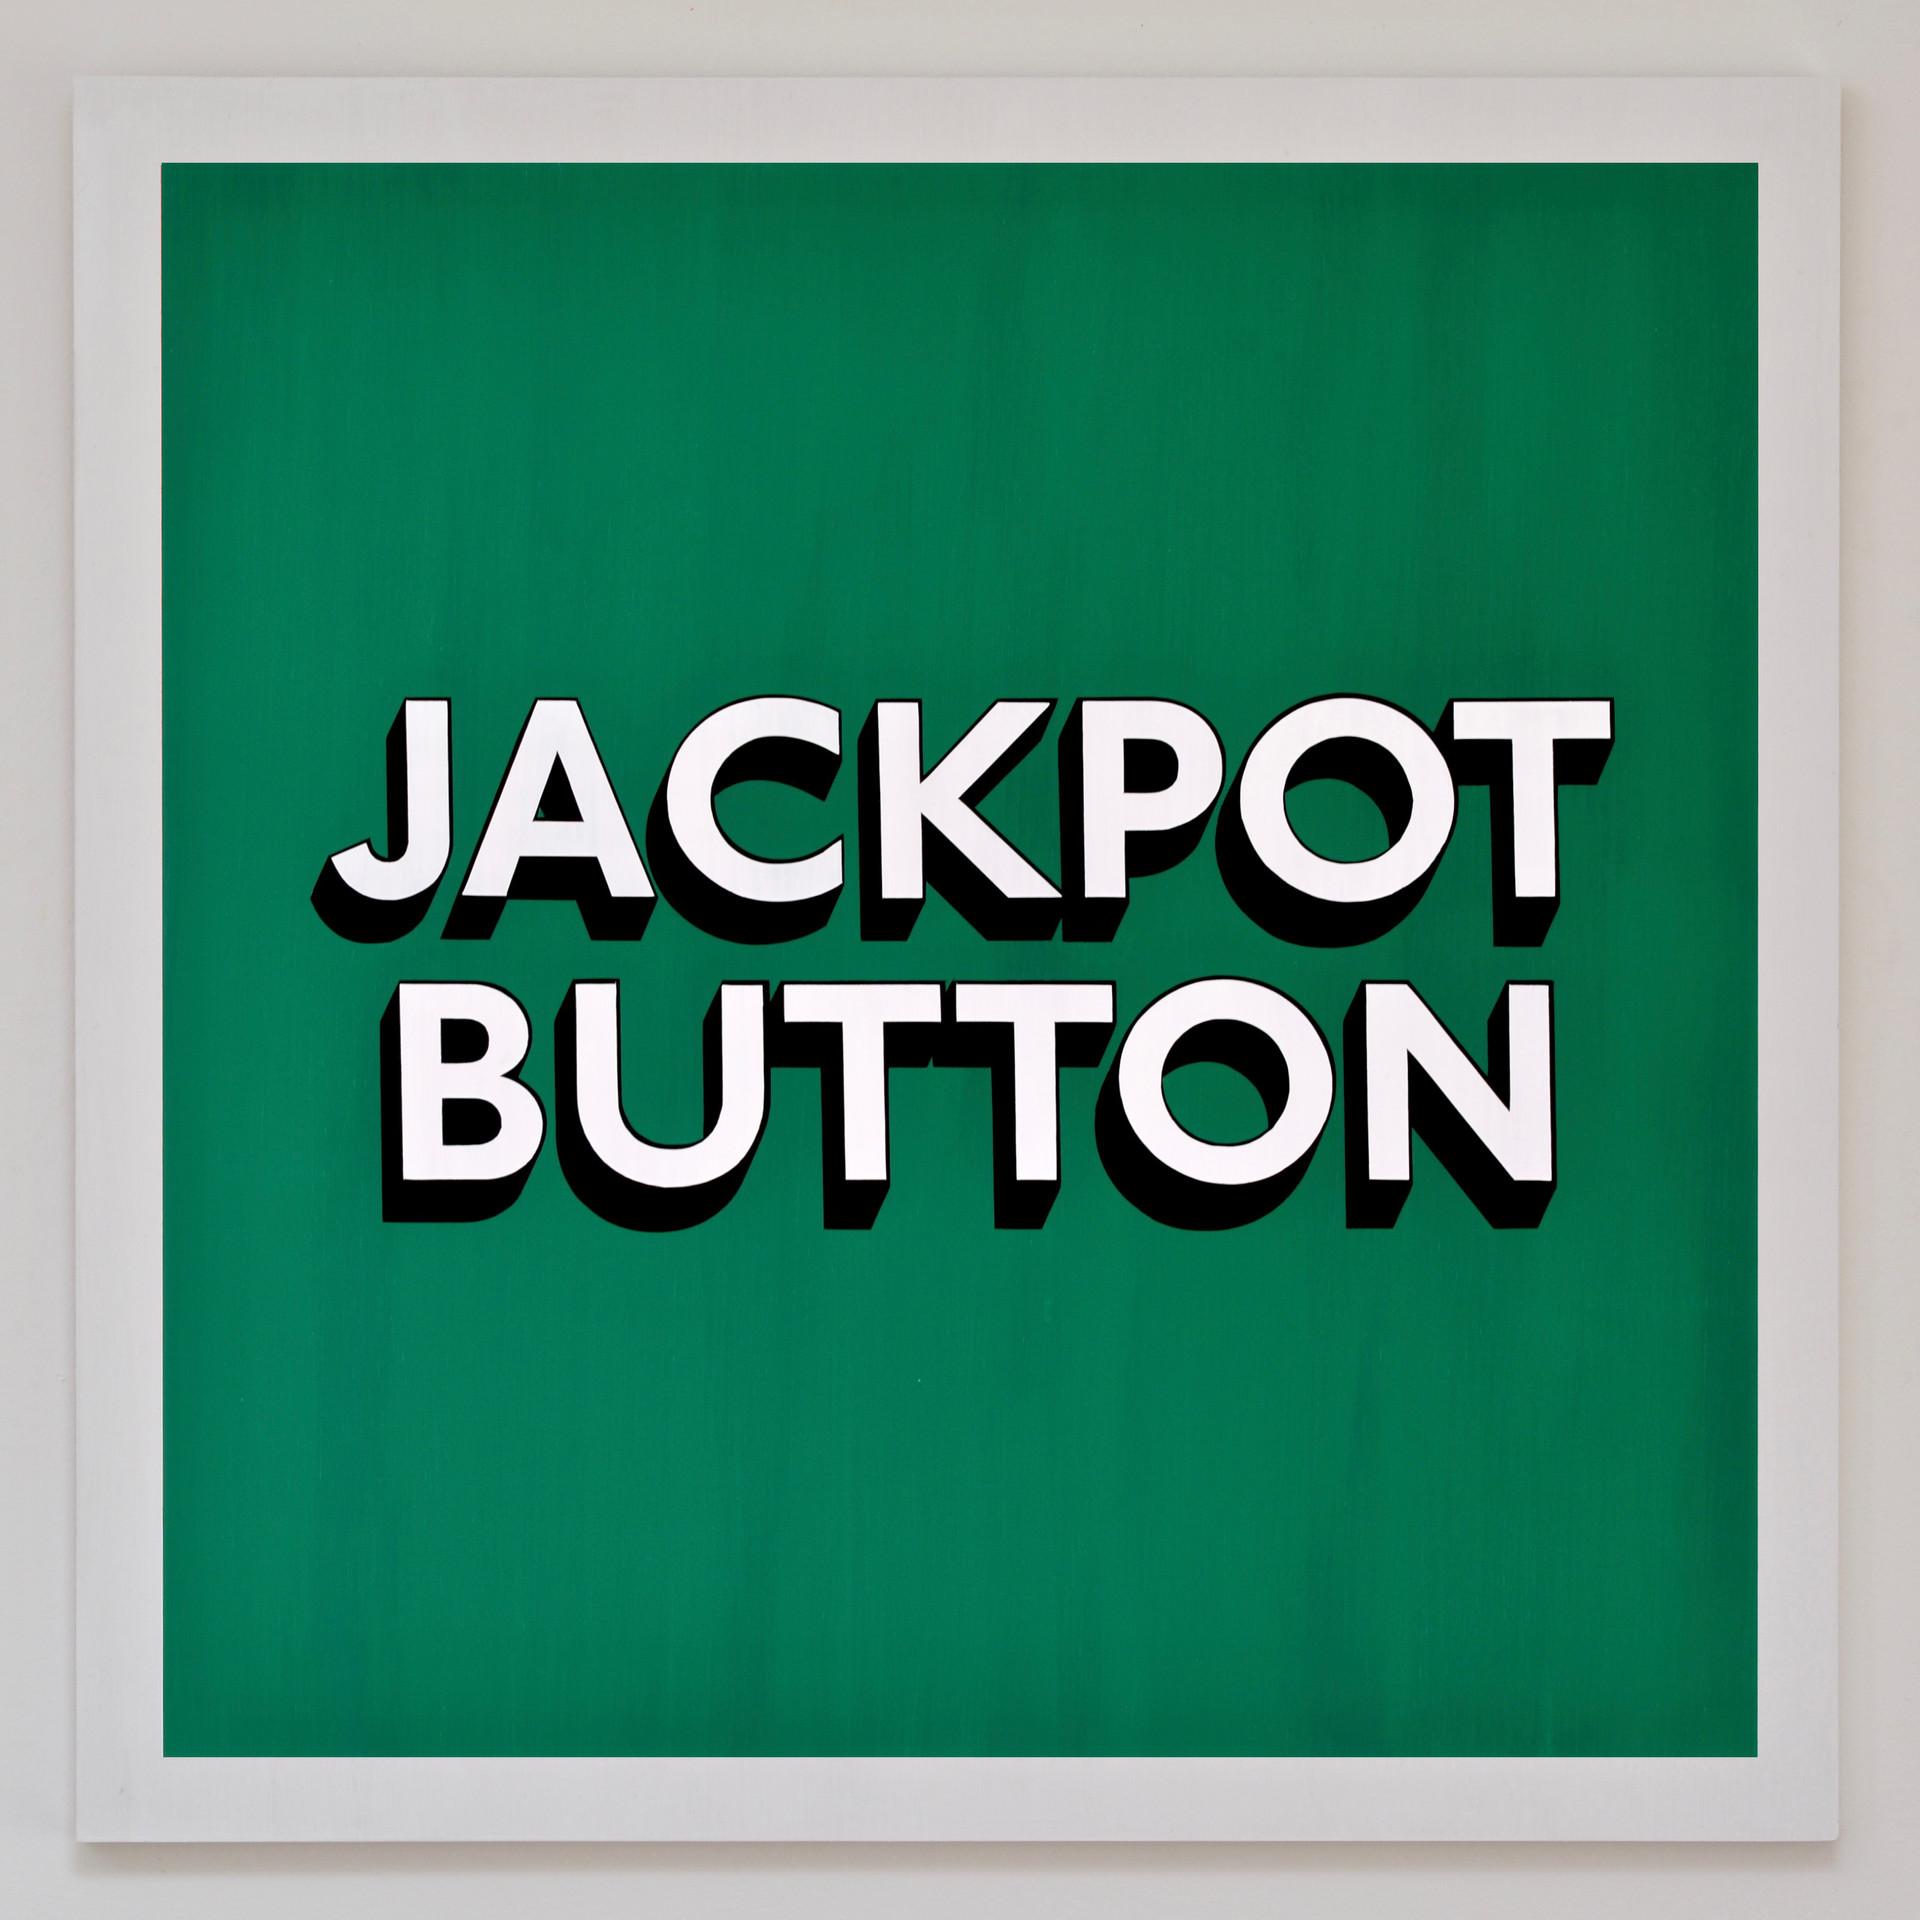 JACKPOT_BUTTON.jpg